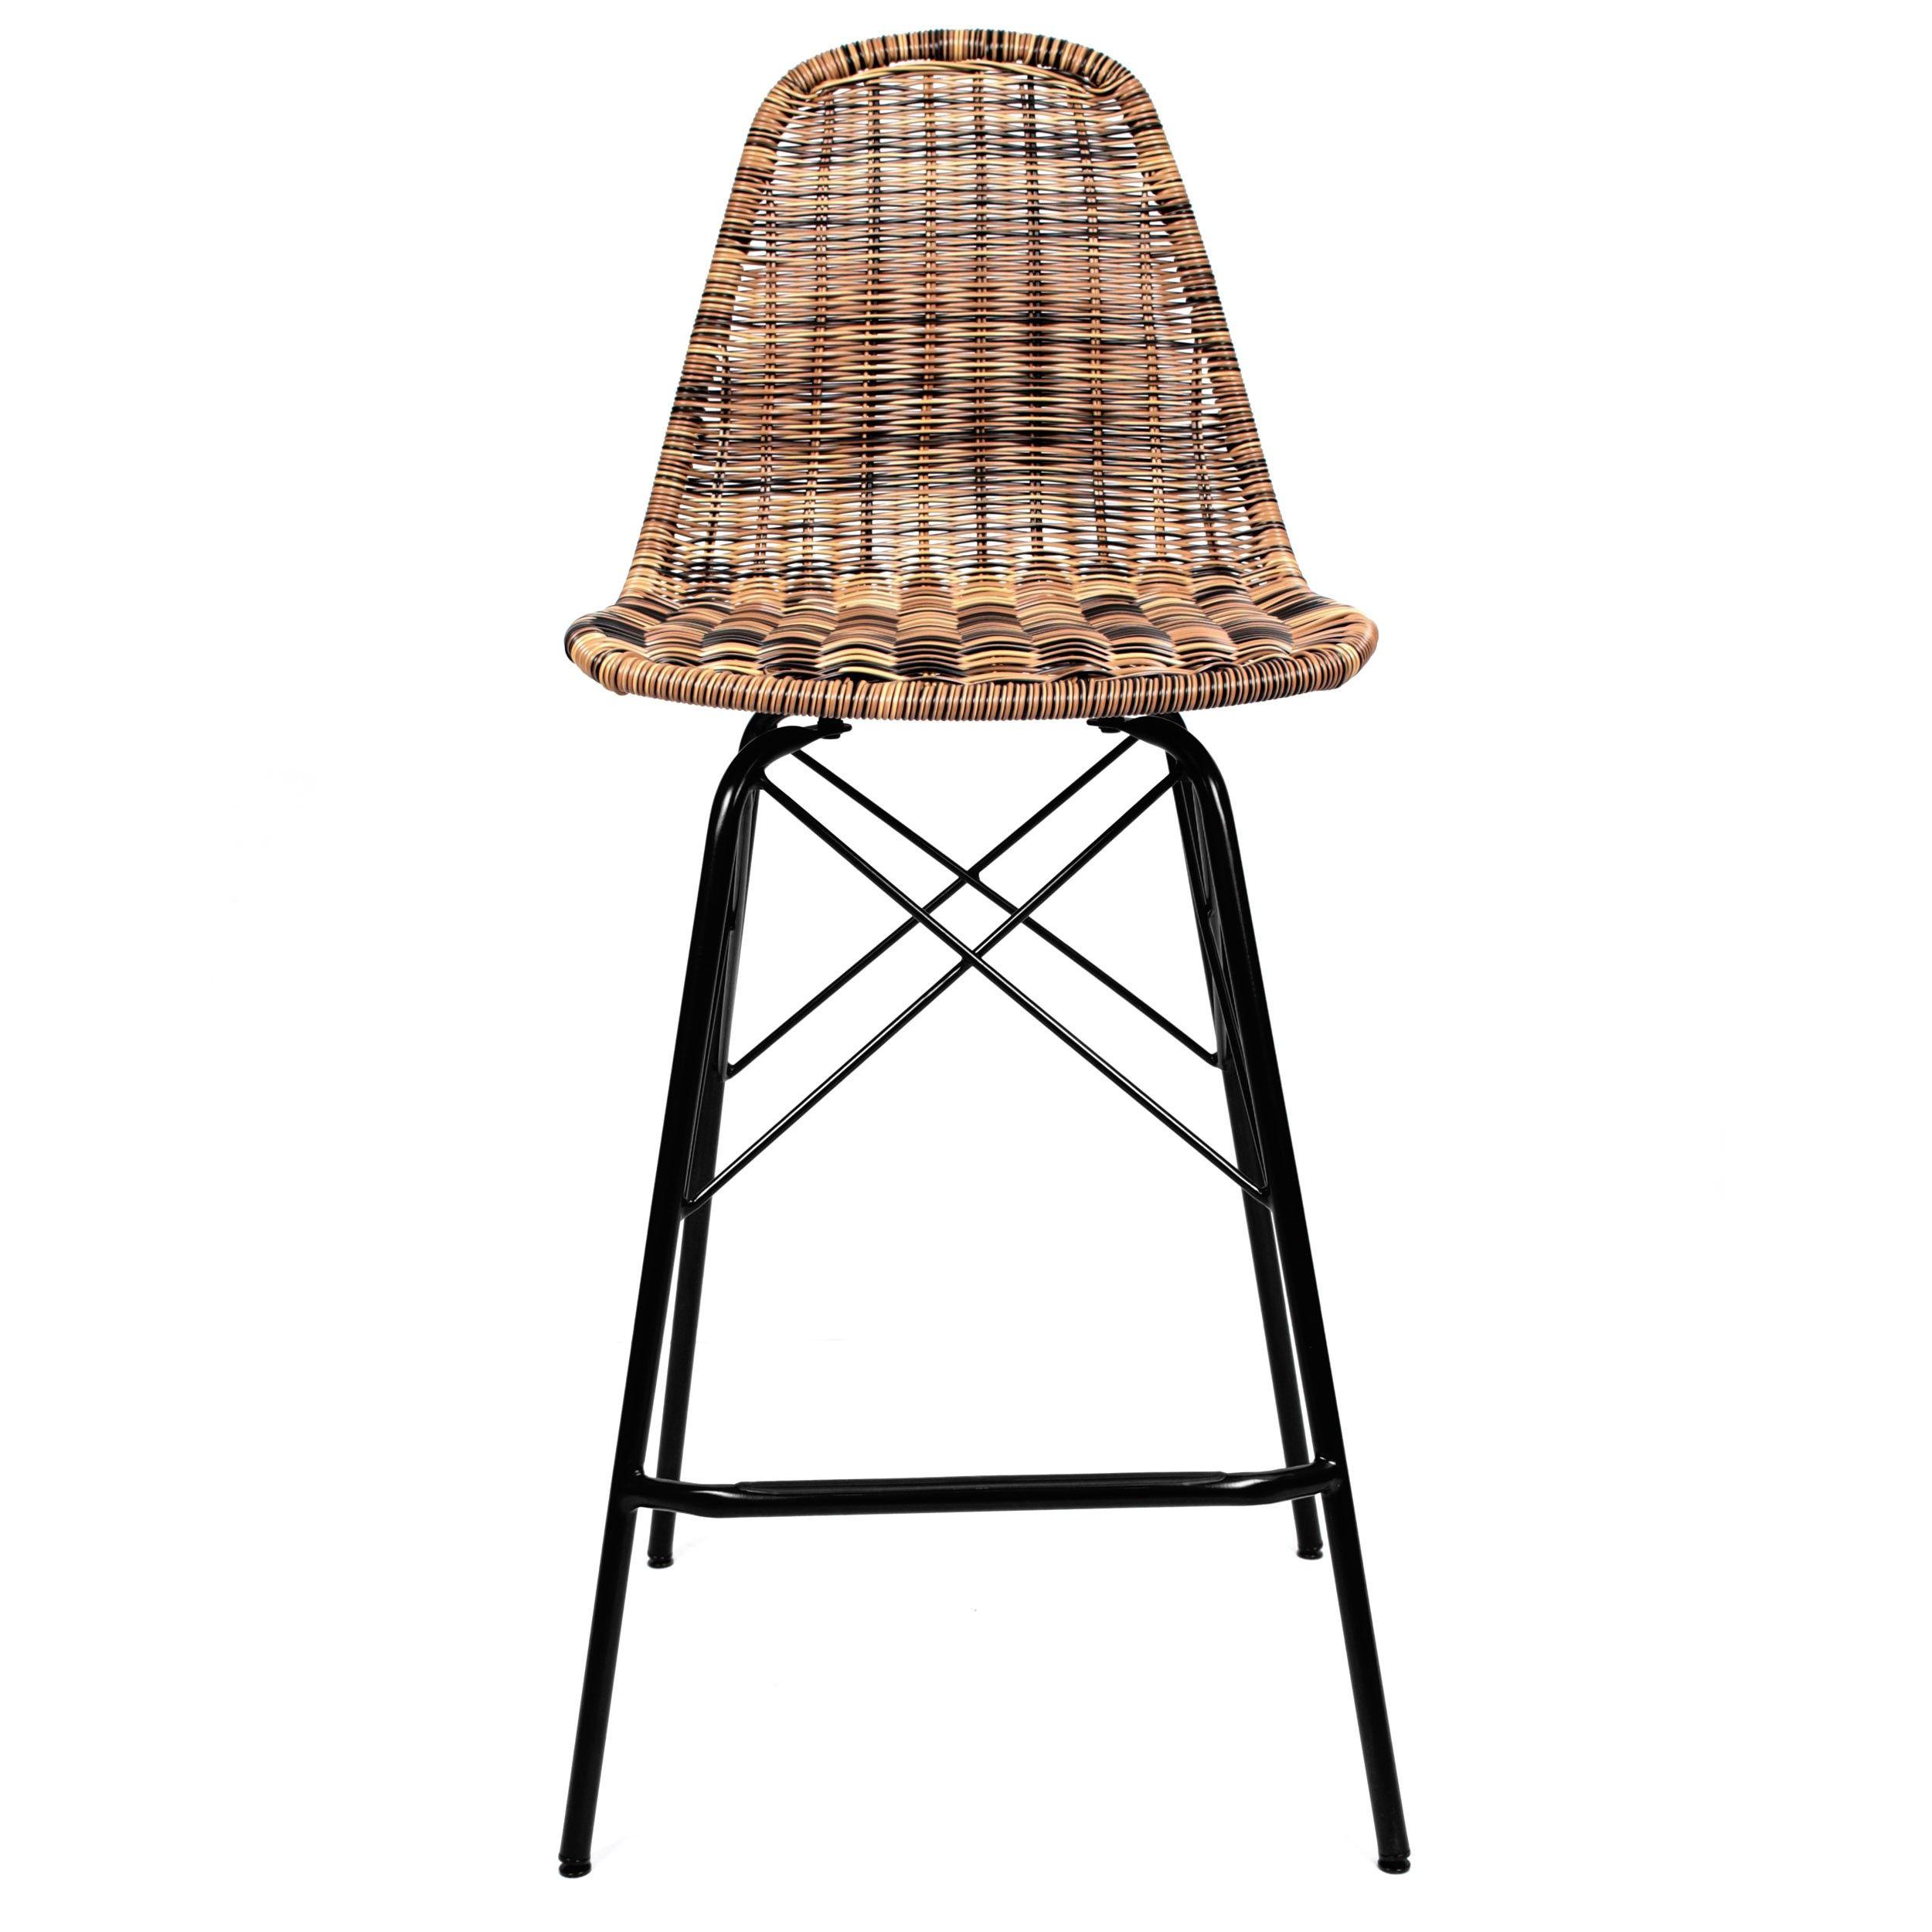 Chaise De Bar Tiptur En Resine Tressee Naturelle Lot De 2 Commandez Les Chaises De Bar Tiptur En Resine Tressee Naturelle Lot De 2 Rdv Deco Chaise Bar Bar Chaise